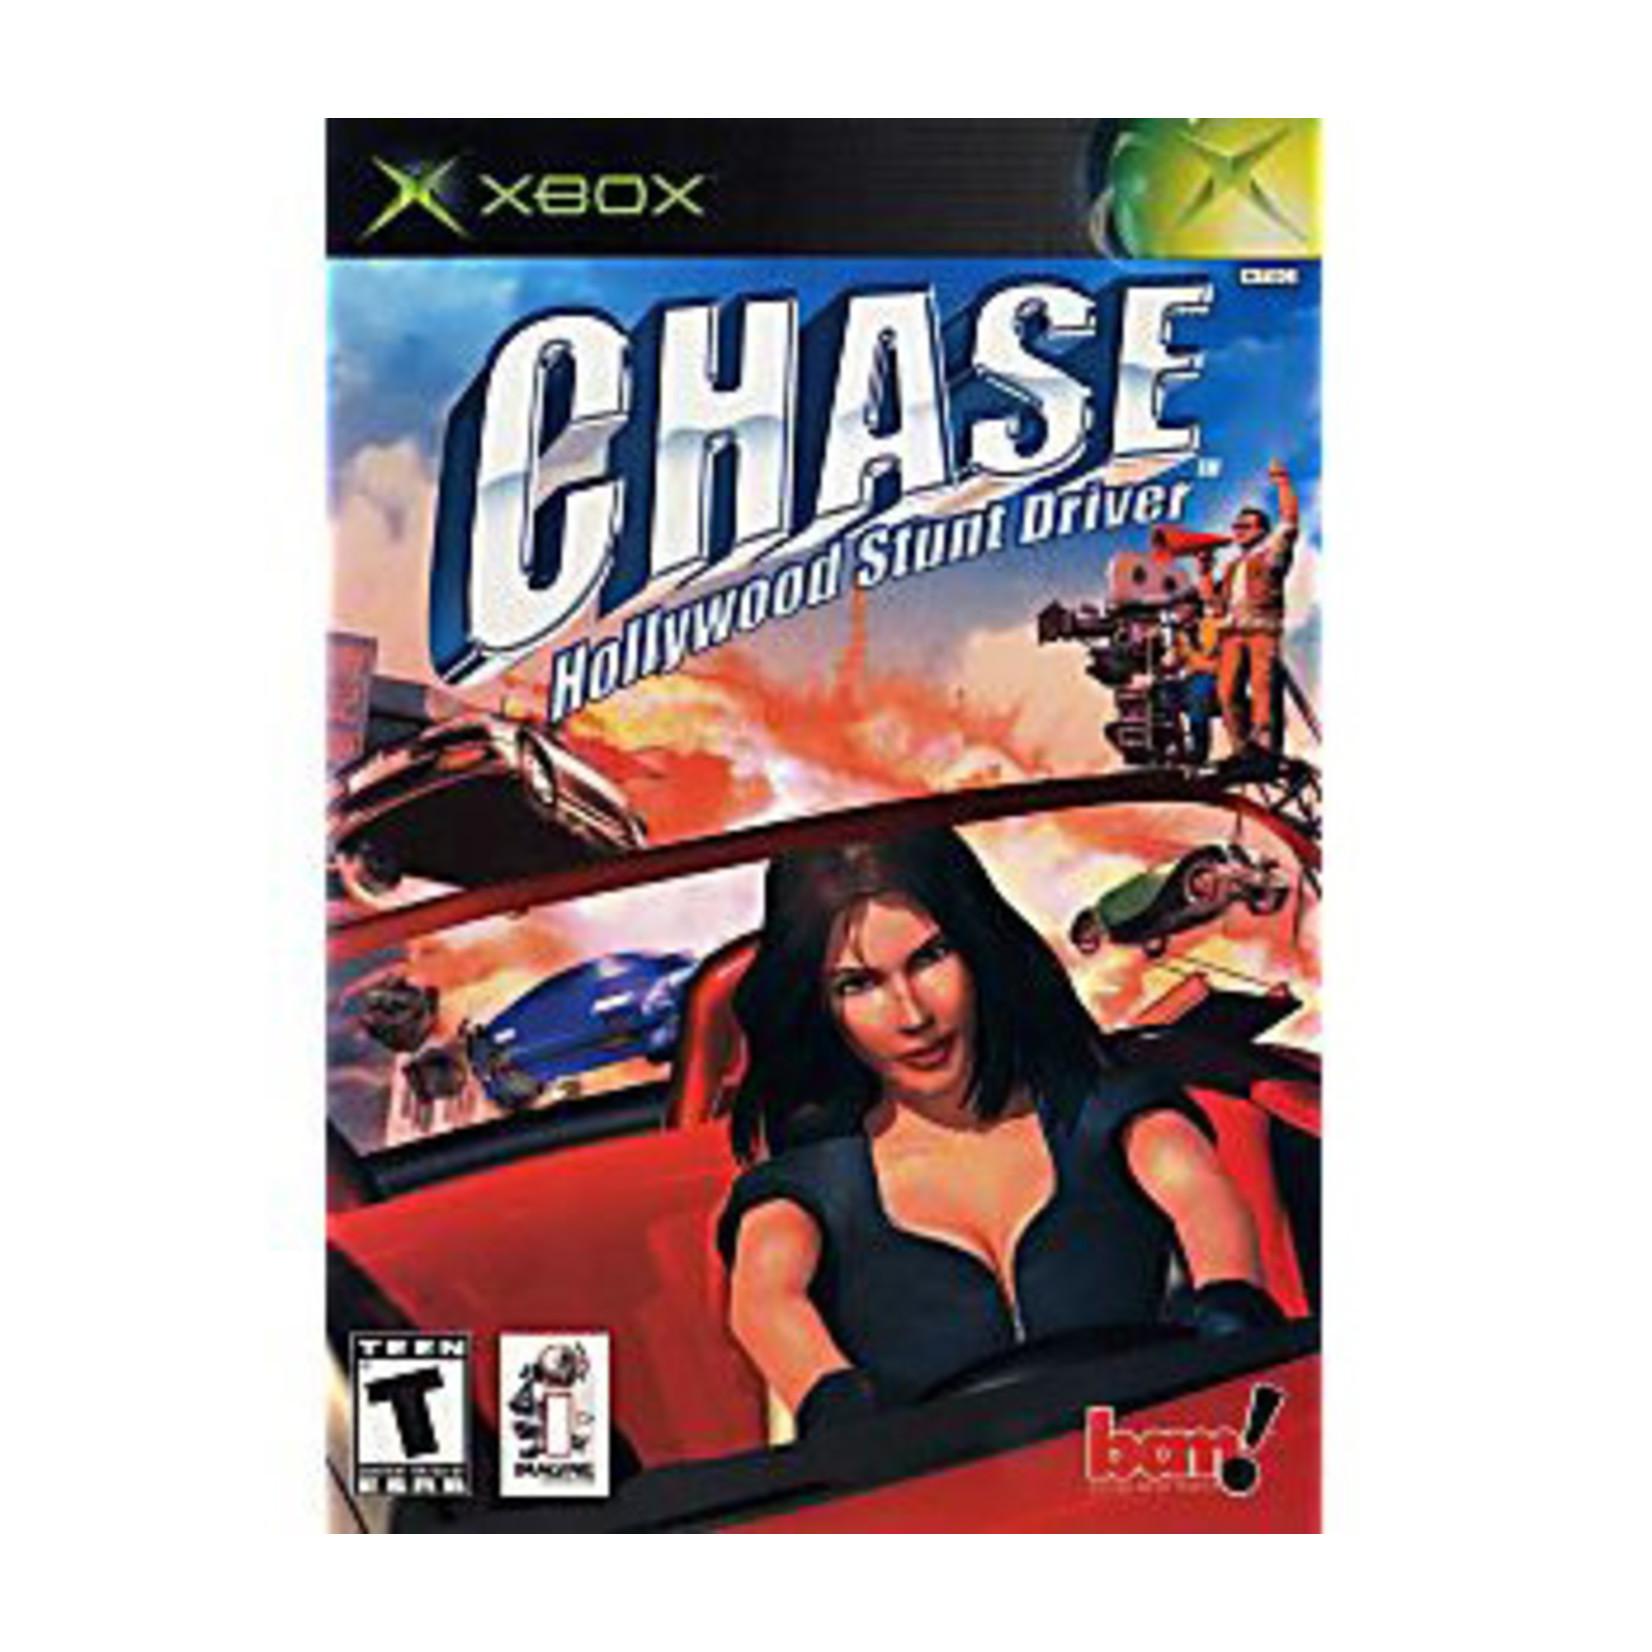 XBU-Chase